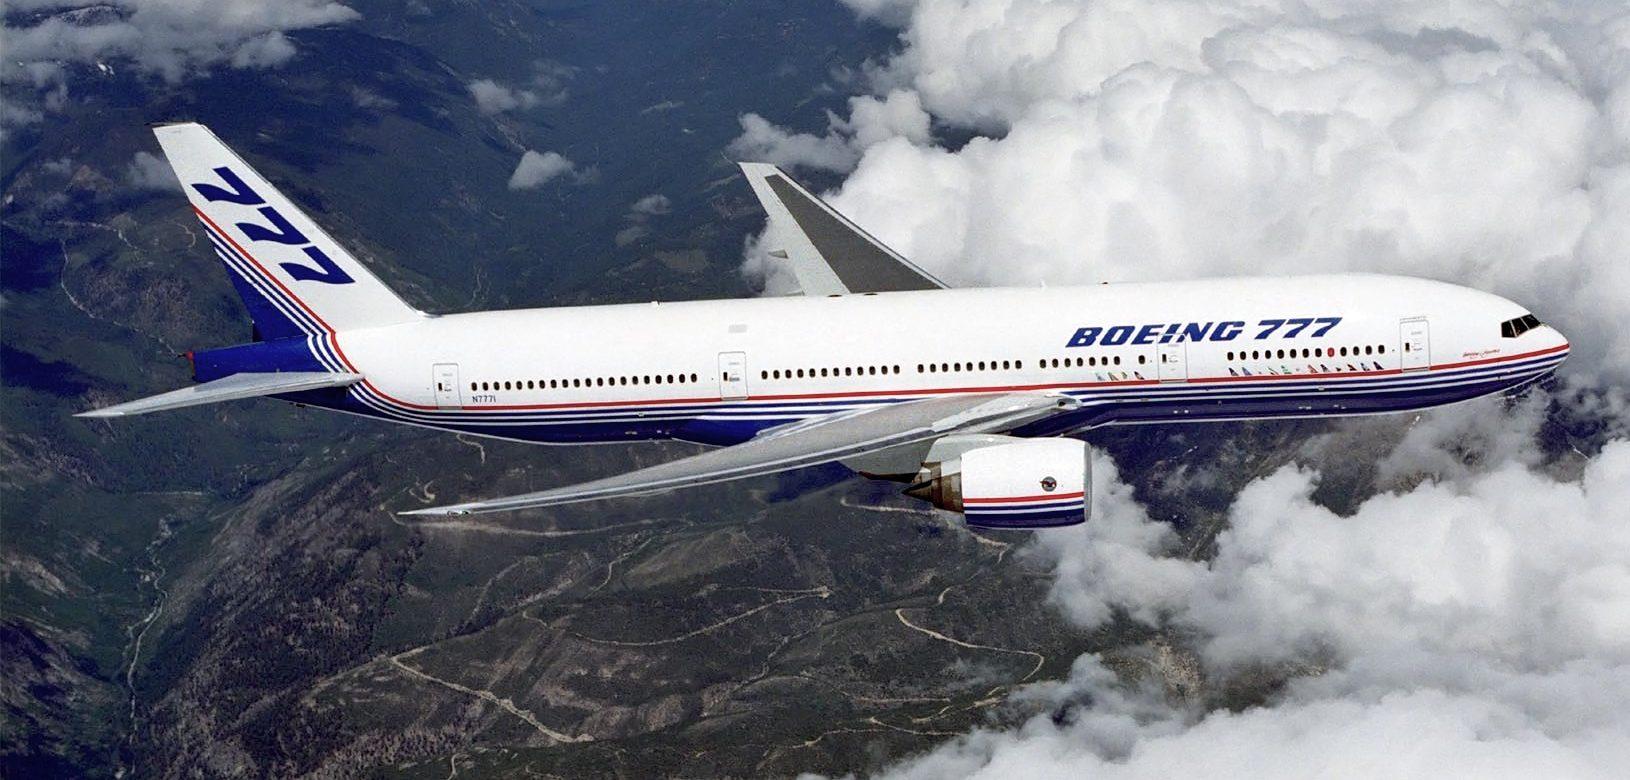 L'américain Boeing franchit une étape importante en s'implantant au Maroc